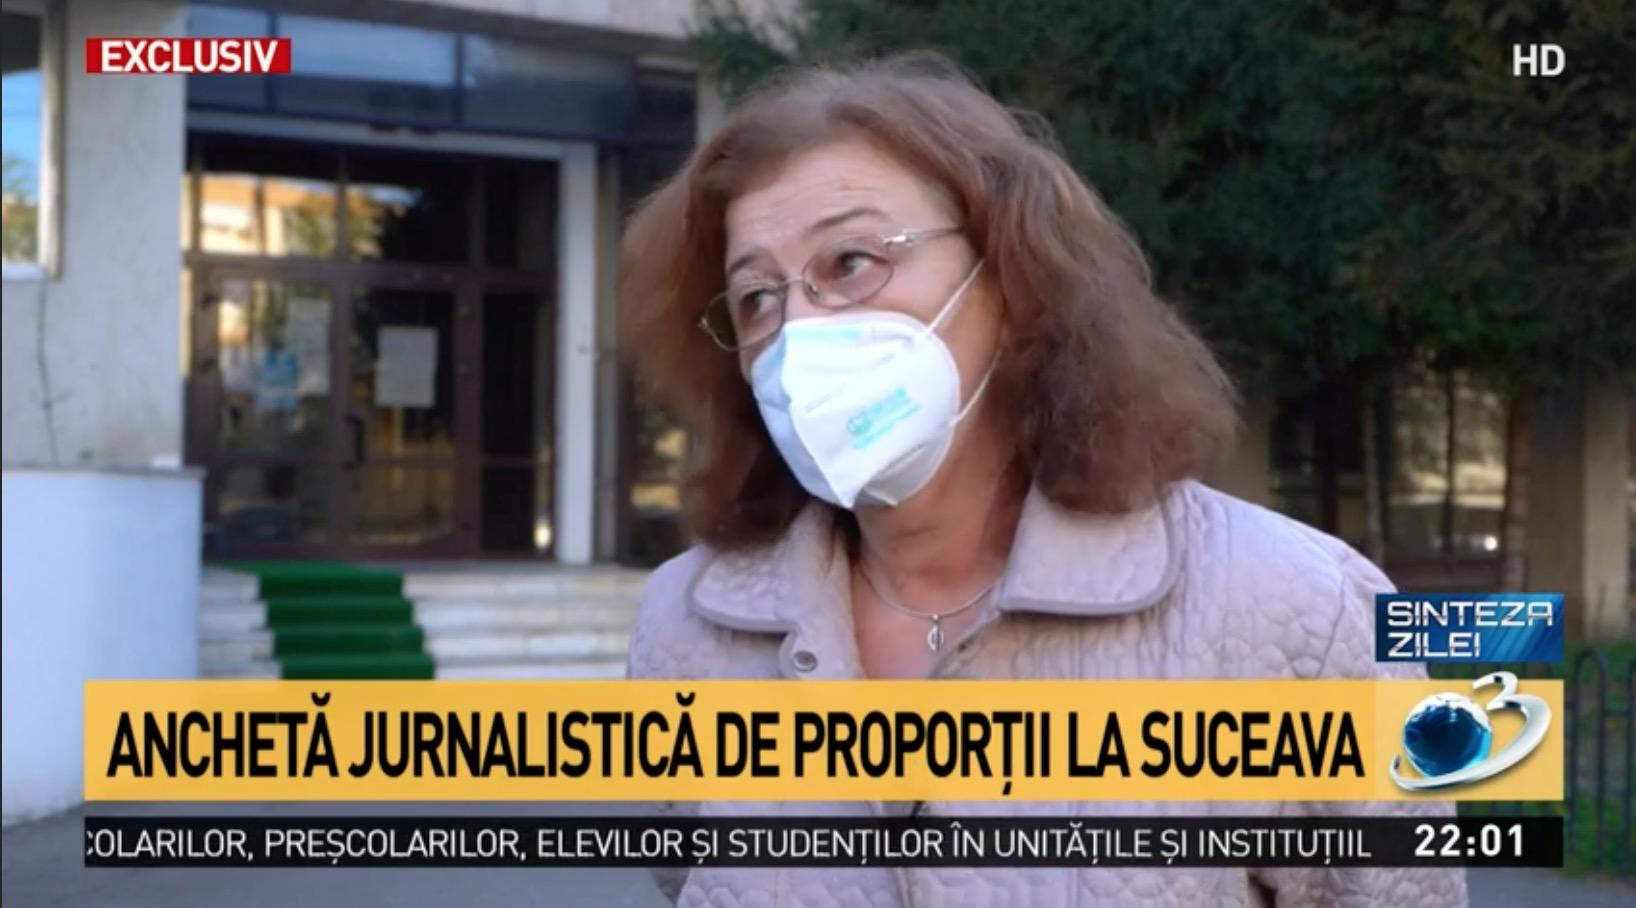 ANCHETĂ Antena 3 la Spitalul Suceava, epidemiolog: Nu credeam că o să vad în 2020 așa ceva